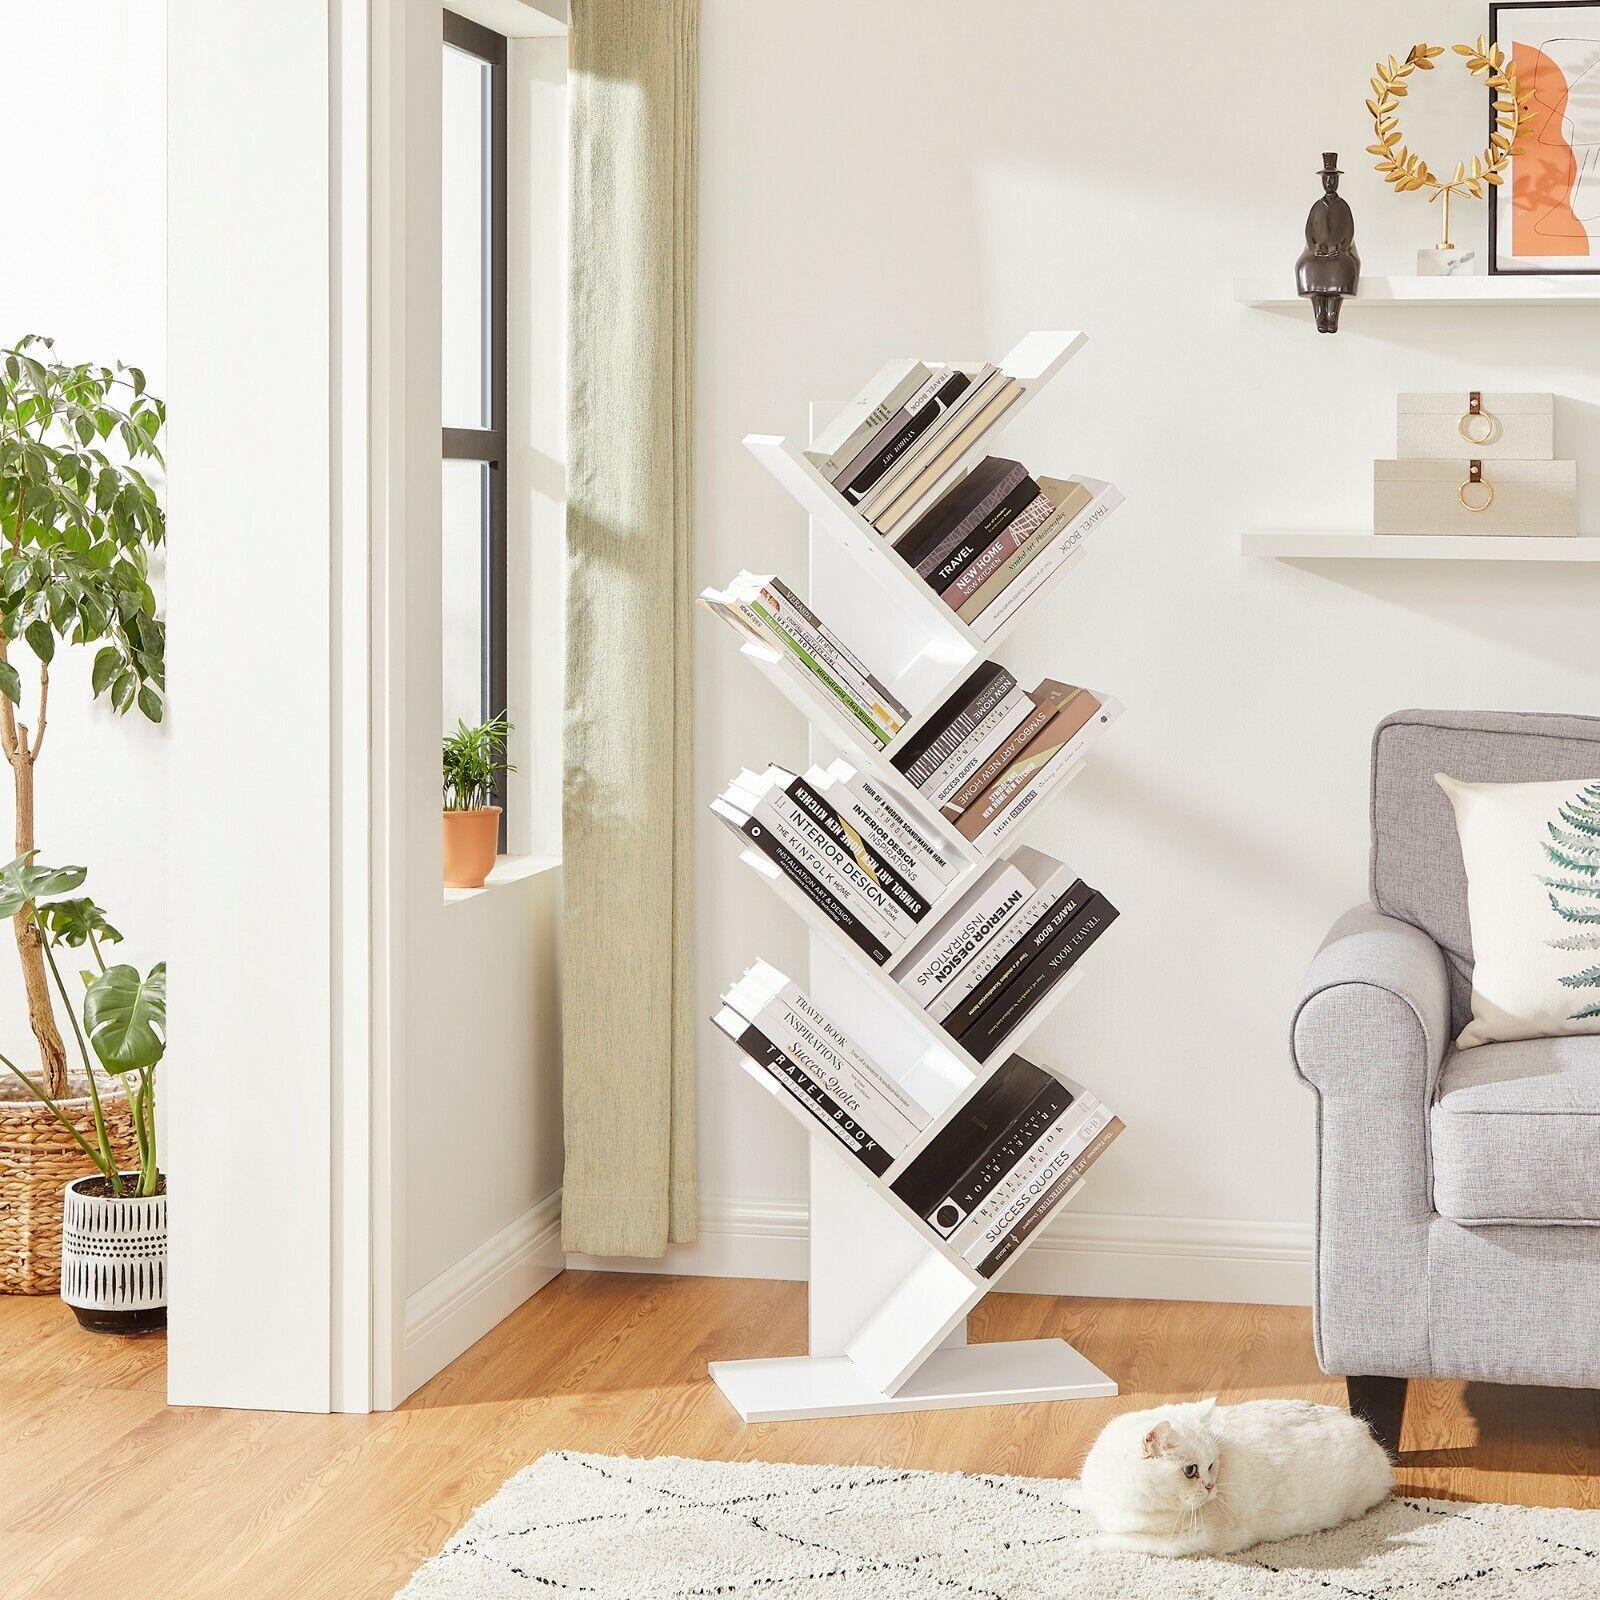 VASAGLE Bücherregal Eckregal Standregal 8 Ebenen CD Regal Holz Weiß LBC11WTV1